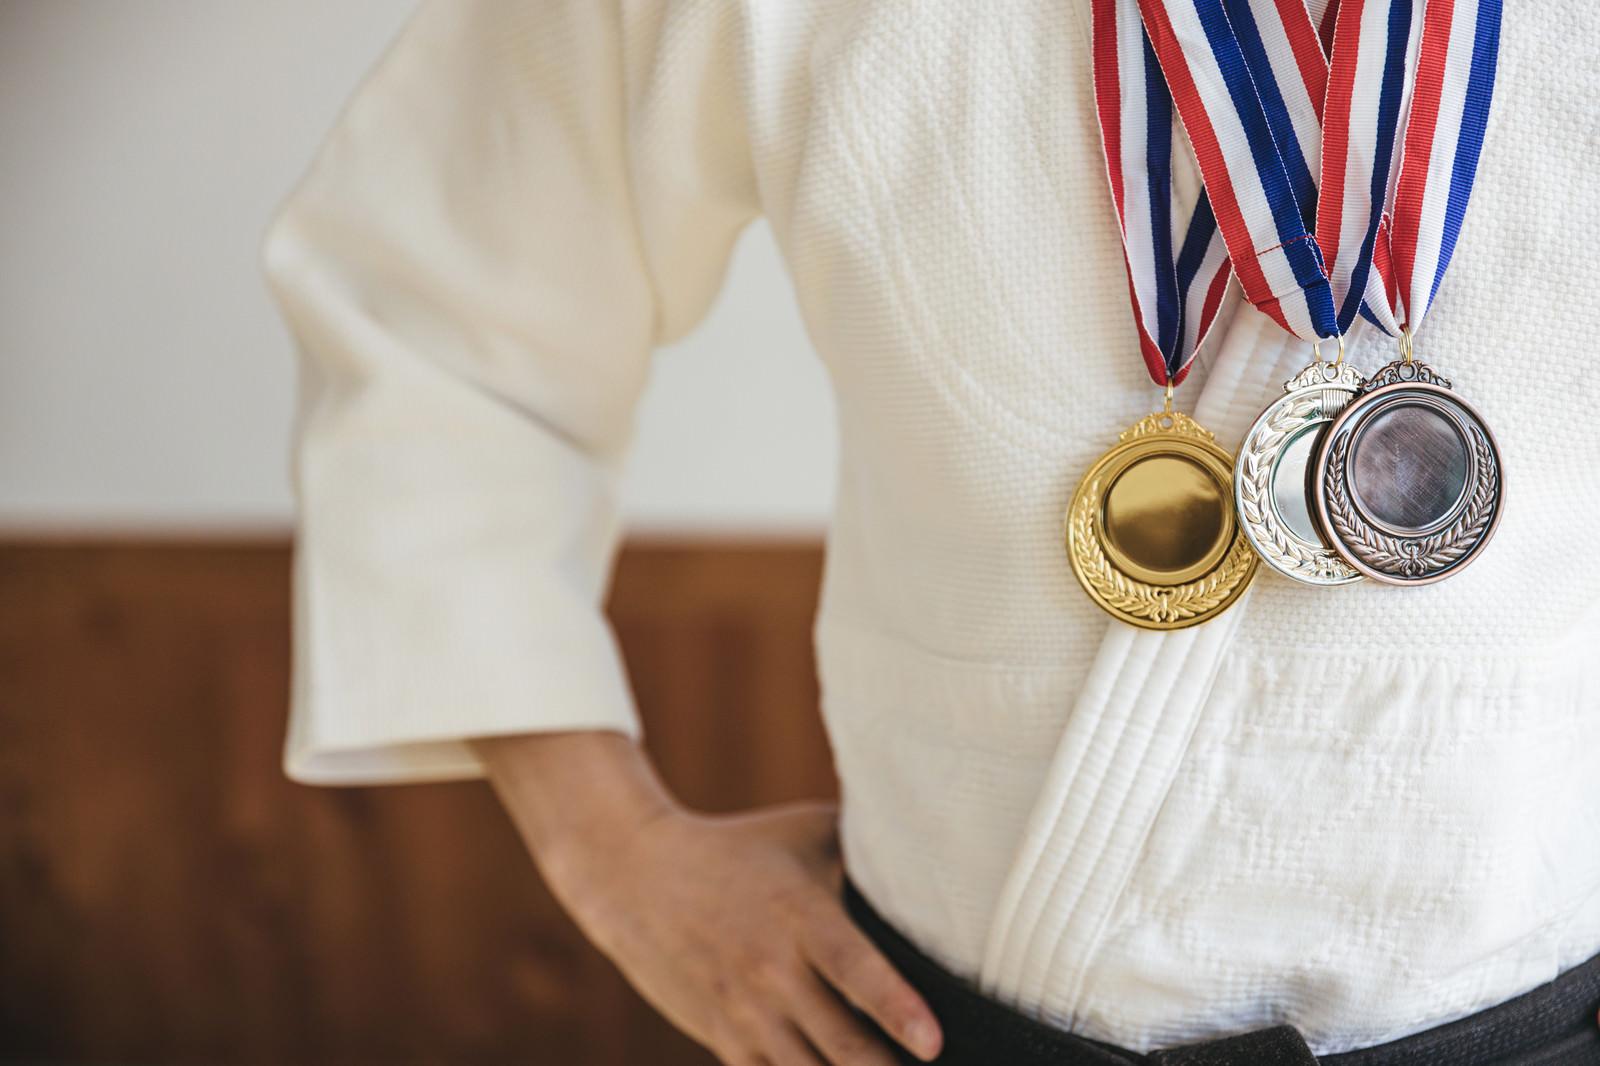 「世界的競技大会に向けて準備した金・銀・銅メダル」の写真[モデル:大川竜弥]